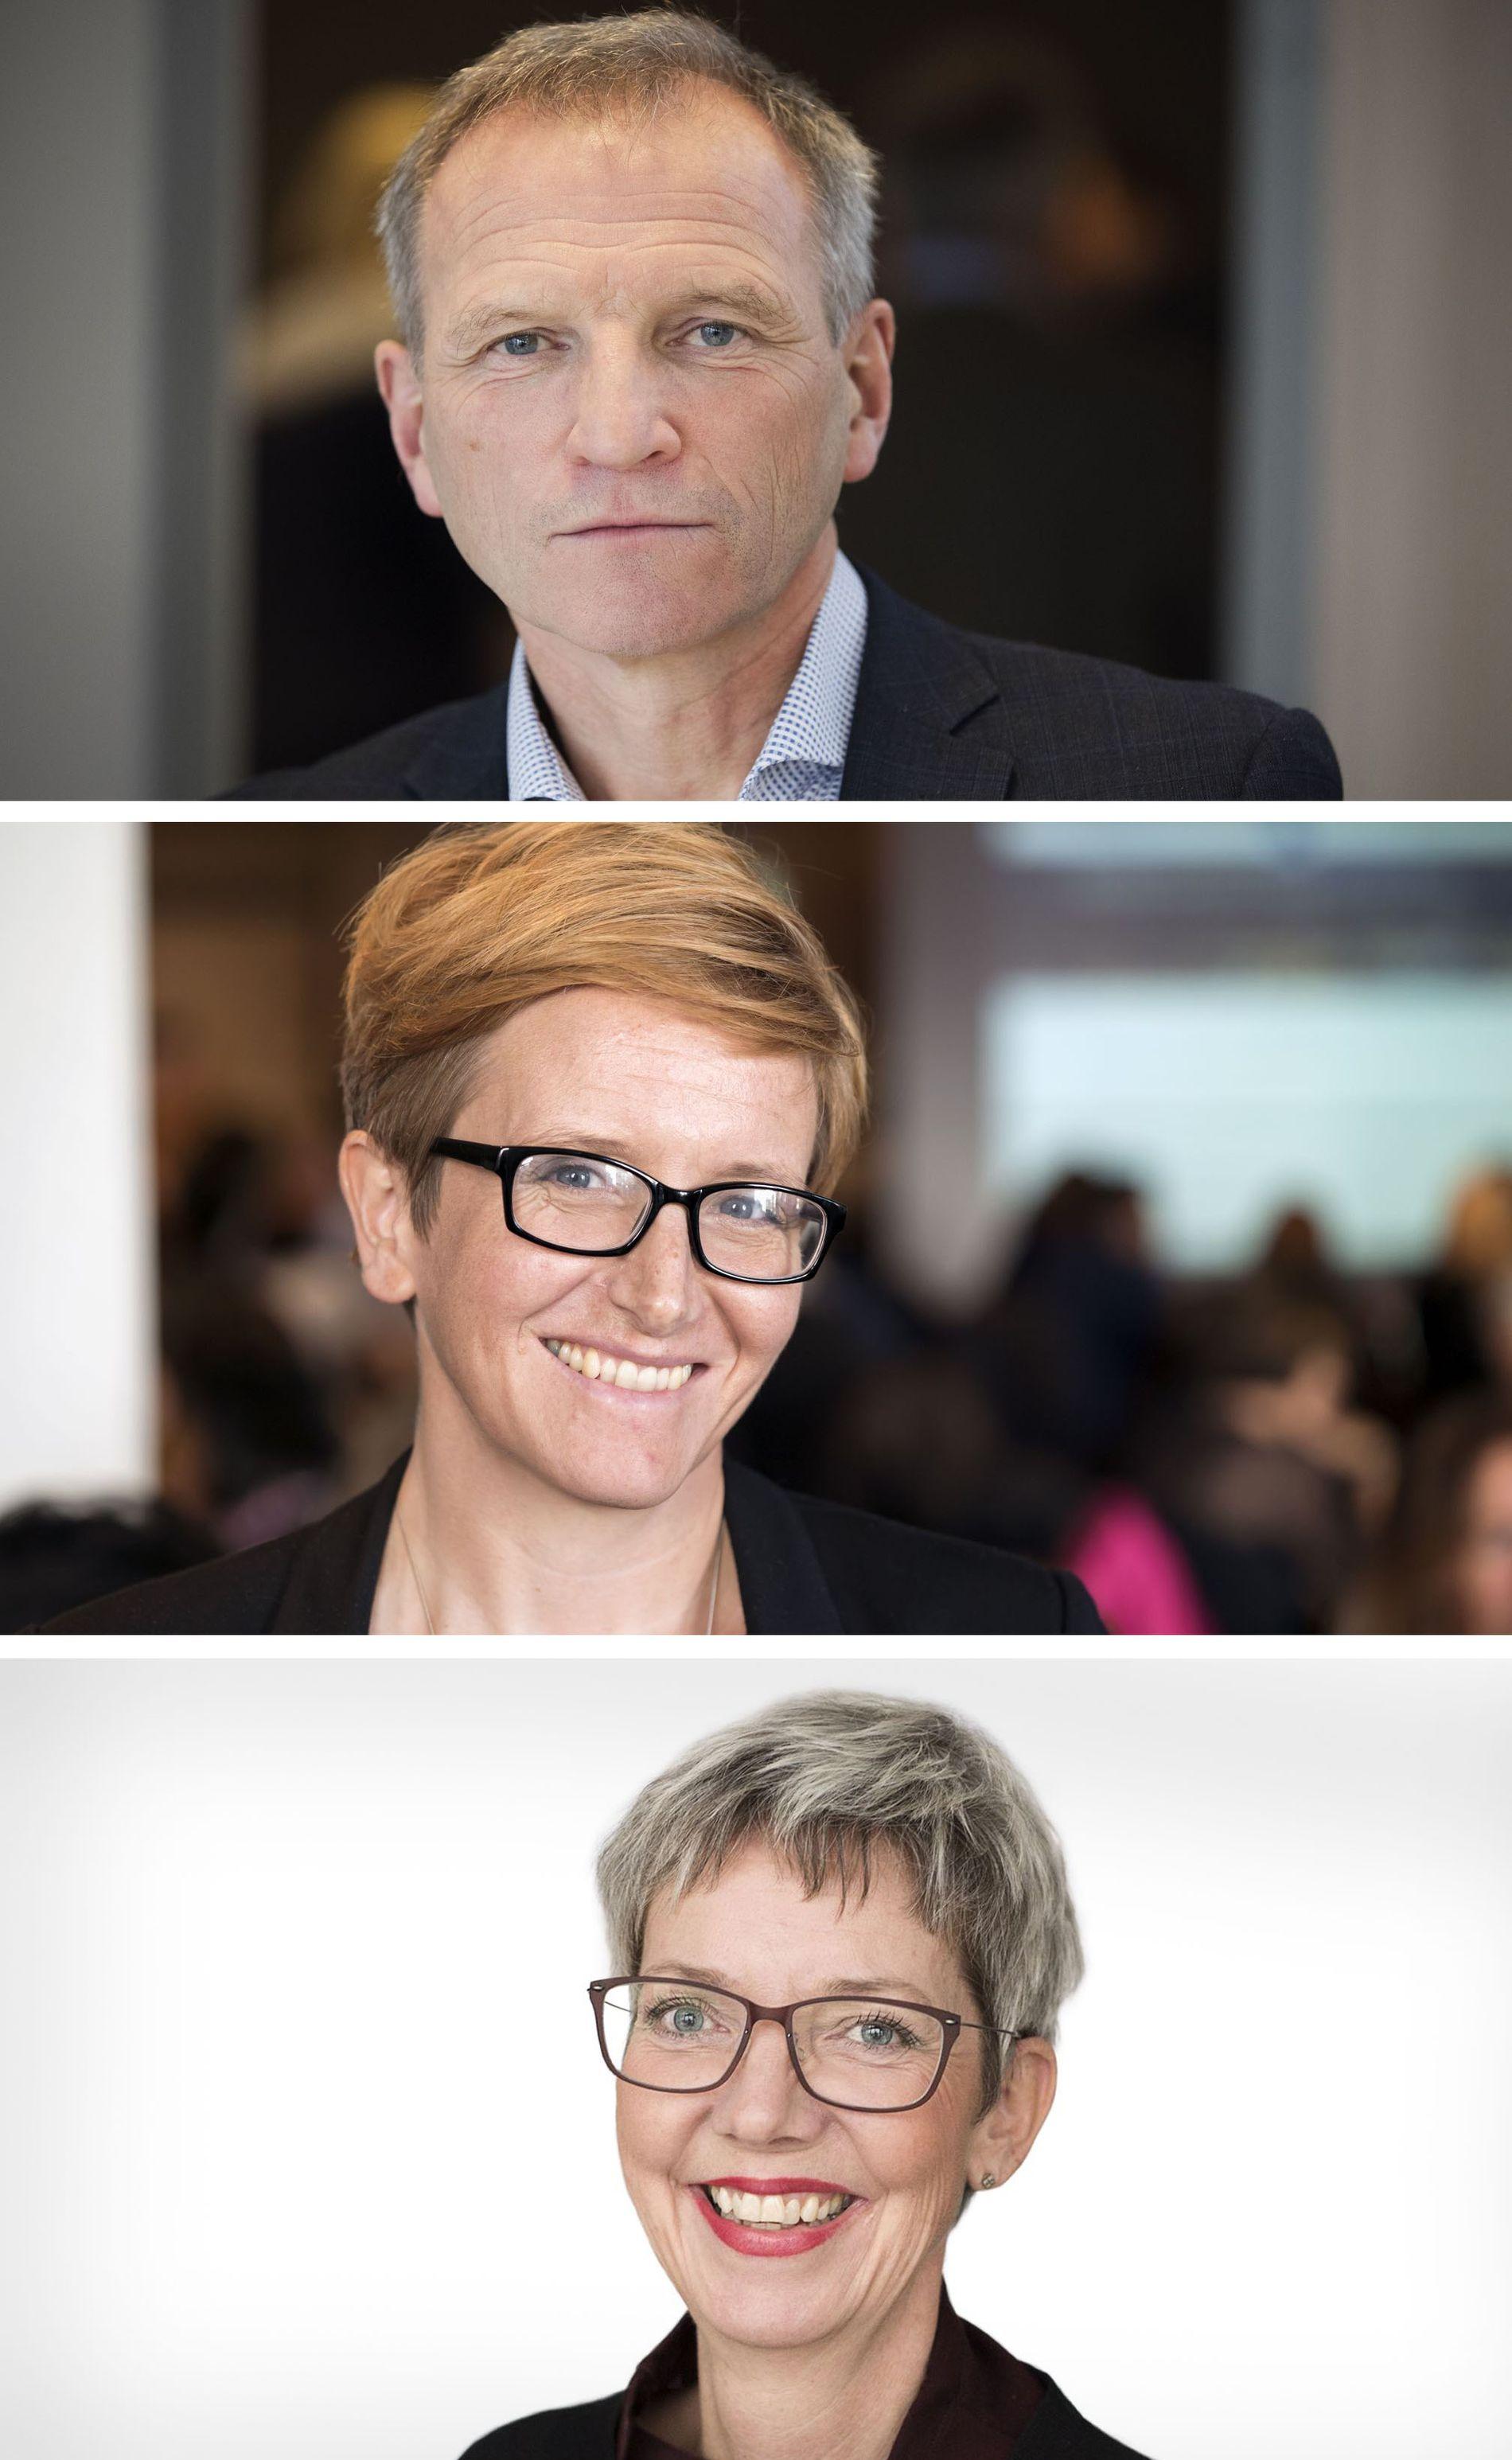 SVARER PÅ KRITIKK: Eivind Hansen, administrerende direktør i Helse Bergen; Randi-Luise Møgster, viseadministrerende direktør; Clara Gjesdal, viseadministrerende direktør